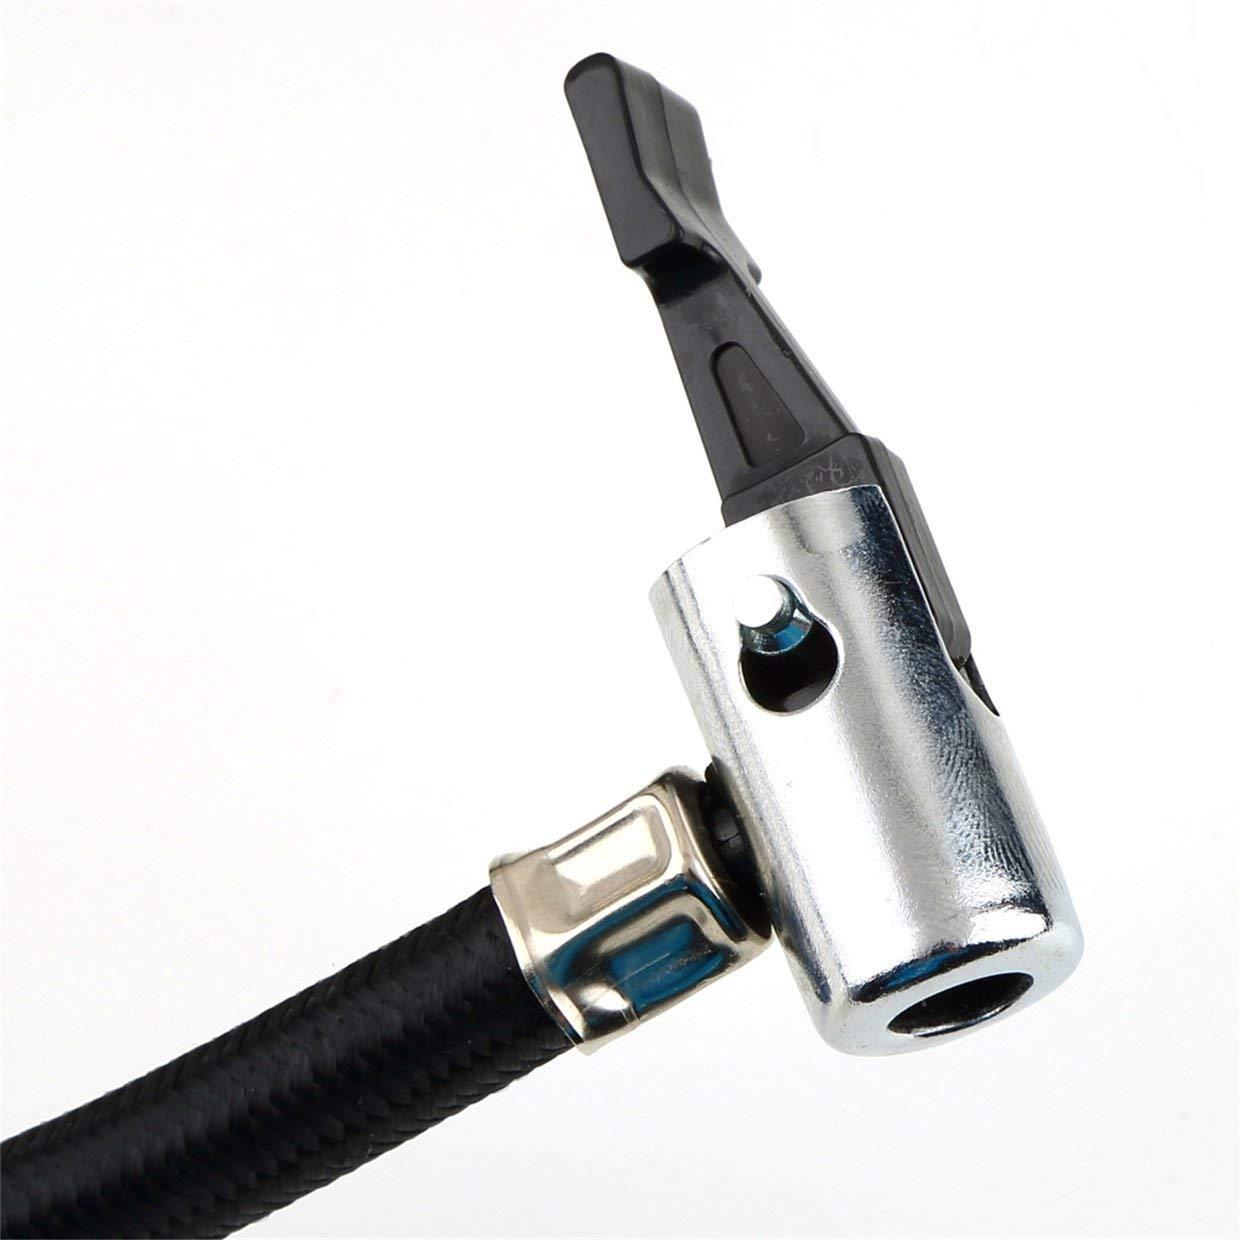 MXECO Nero Portatile Versatile 12V 300PSI Pompa per gonfiaggio pneumatici per auto Mini Pompa per compressore compatta Gonfiatore per pneumatici per pneumatici per auto